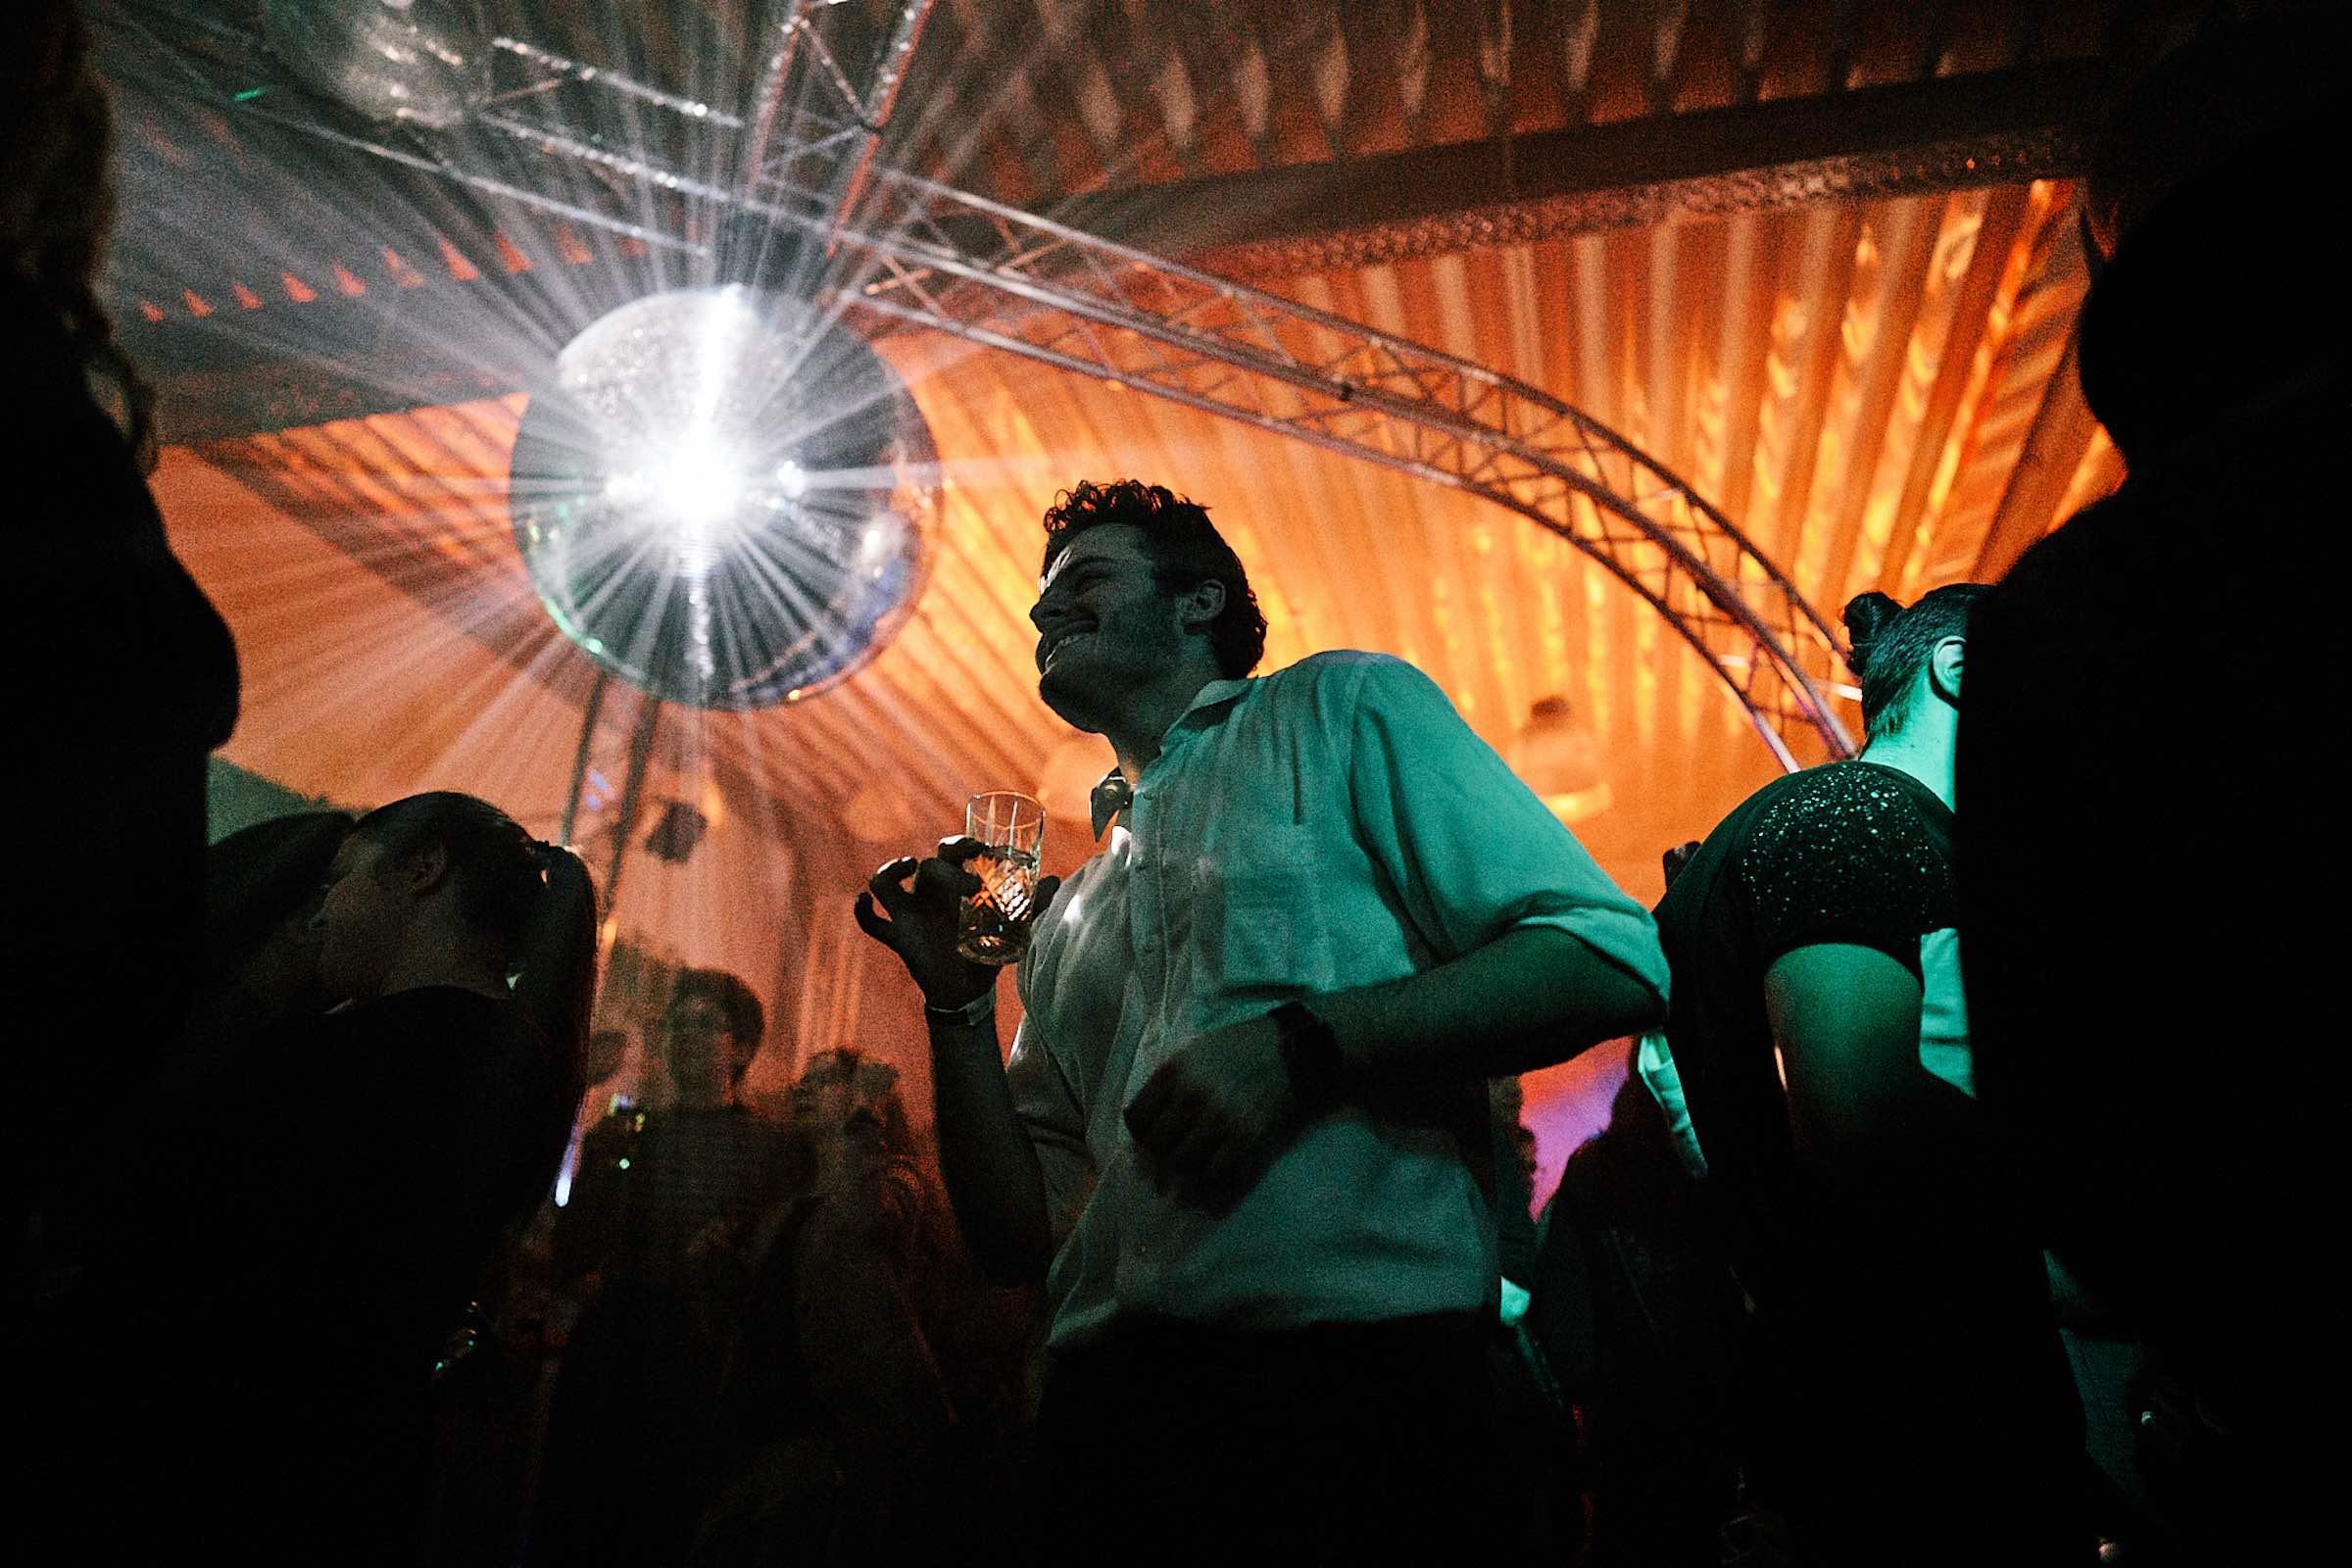 DJ |Hannover |Hochzeit |DJ |Messe |DJ |Firmenevent |Firmenfeier |DJ |Geburtstag |DJ |Weihnachtsfeier |DJ |Sommerfest |Event |Buchen |Anfragen |Lehmann |Eventservice